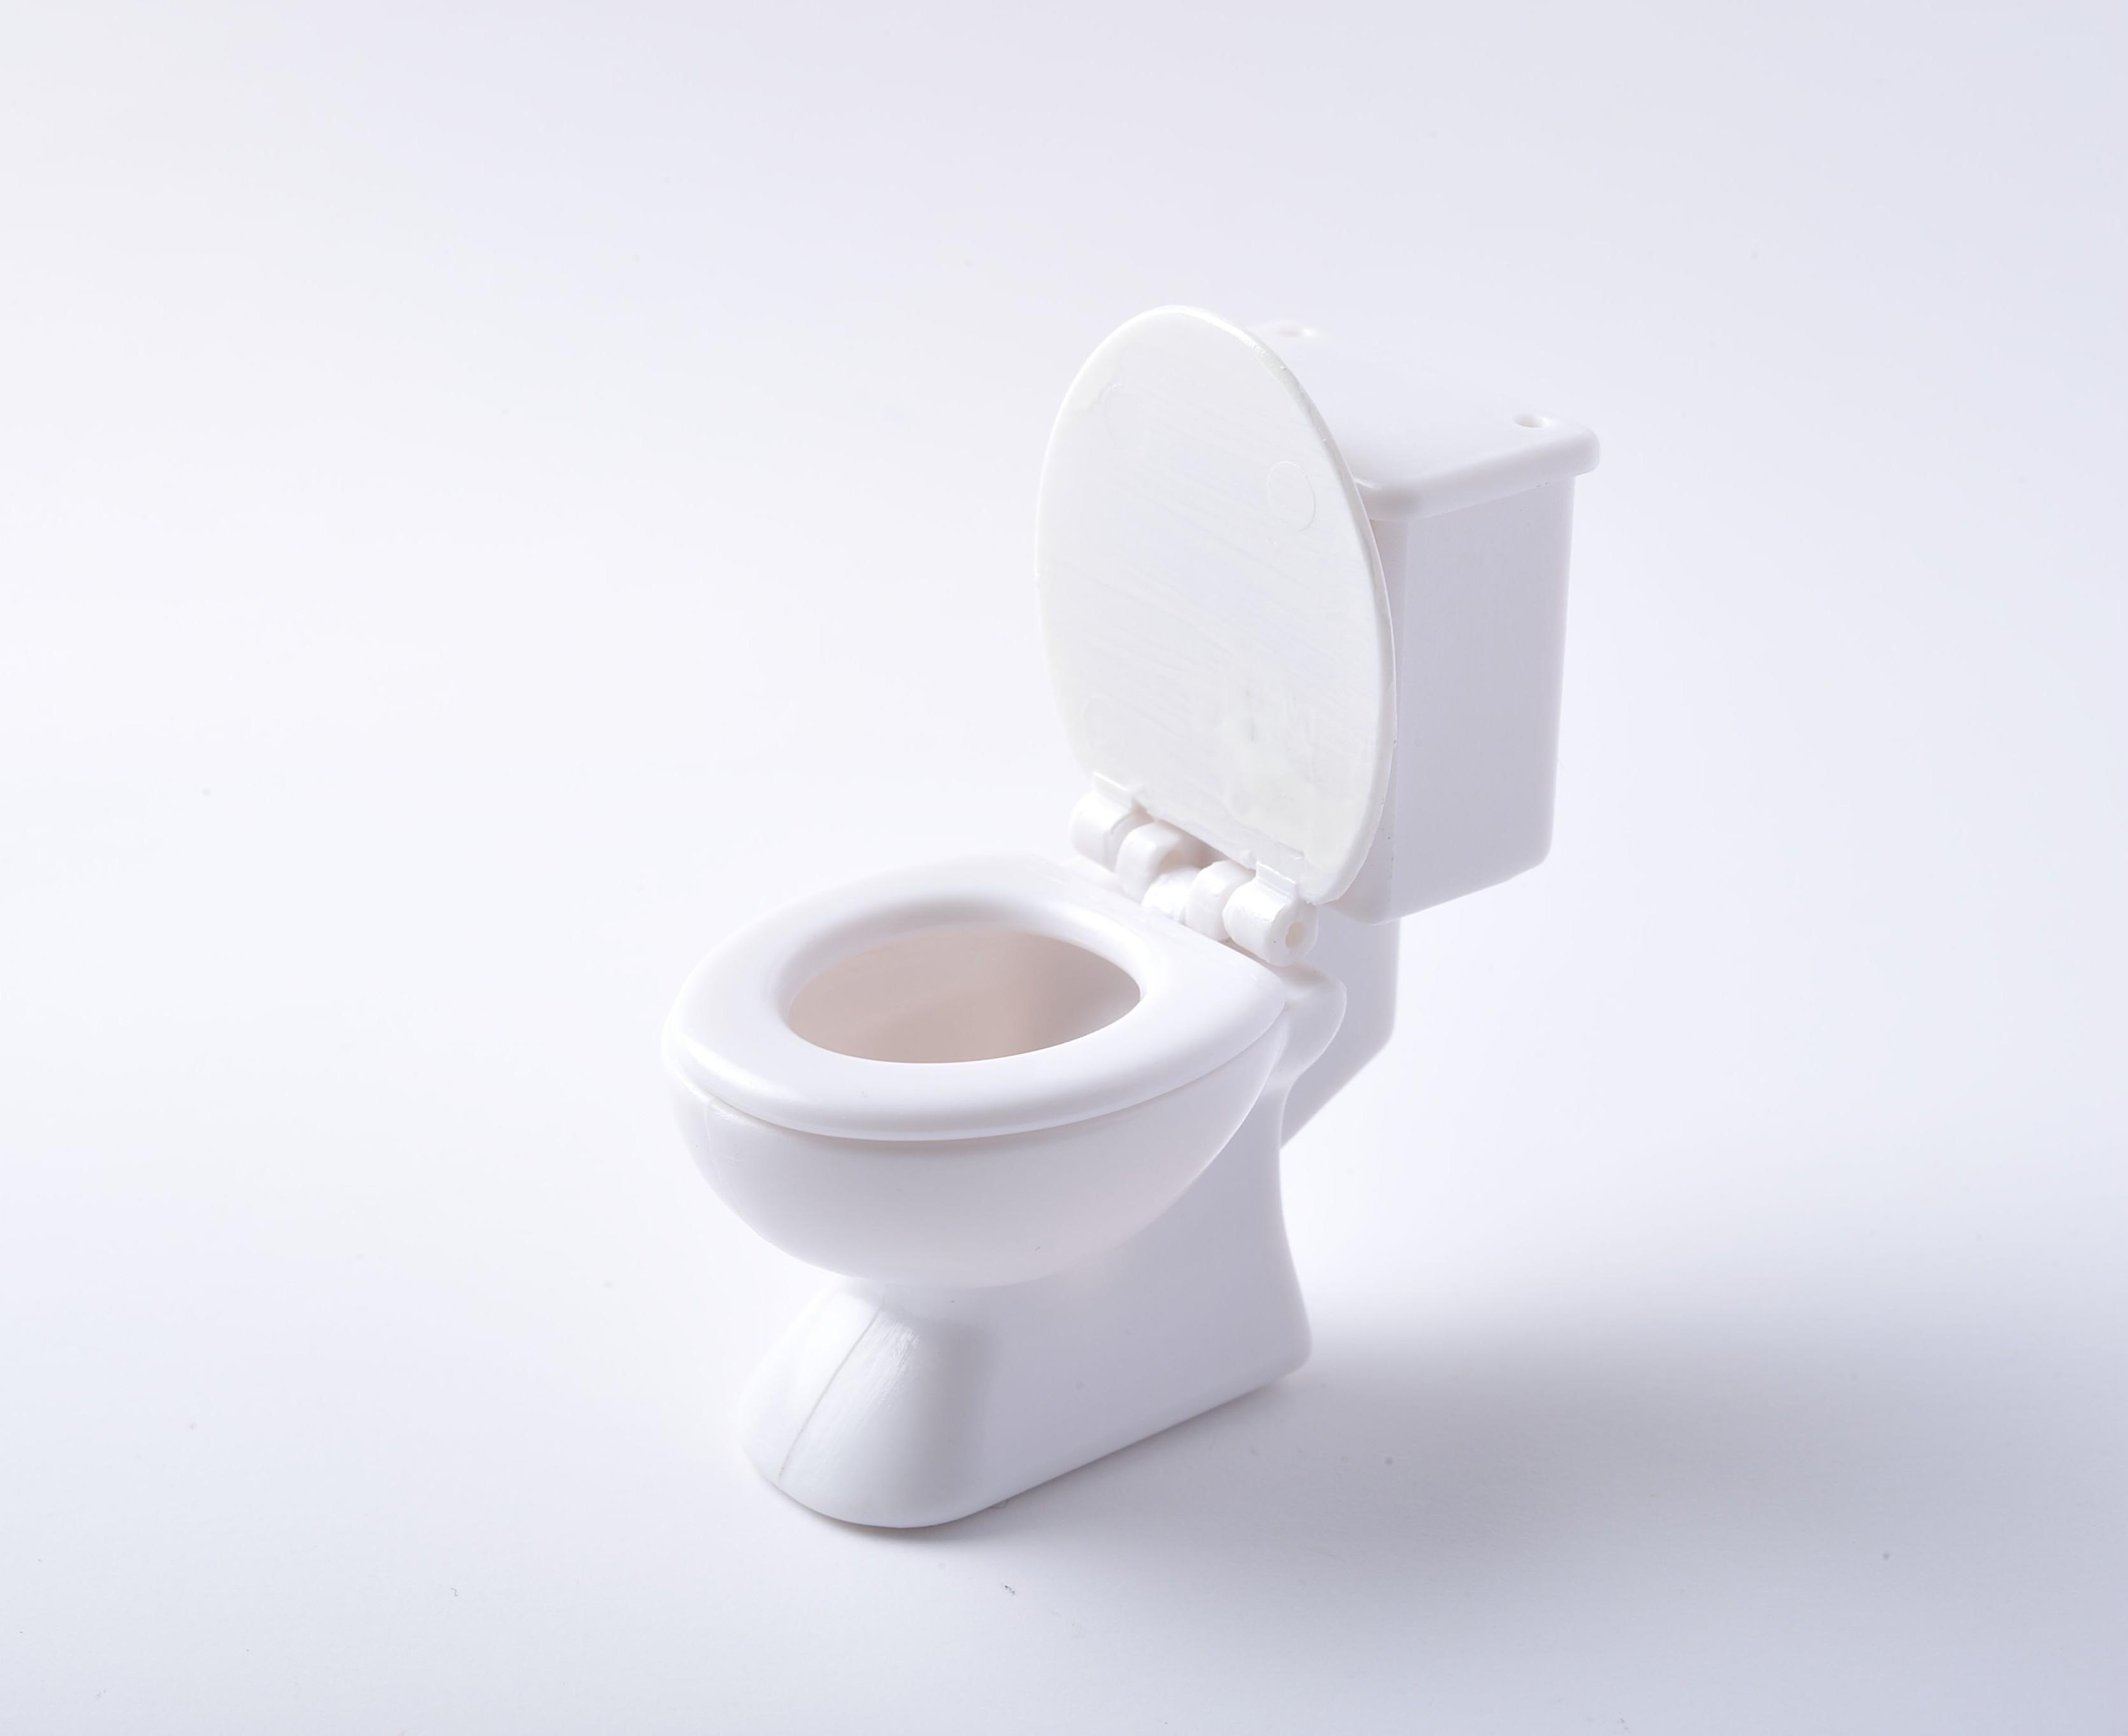 幼児期のしつけの難関!先輩ママが教える、トイレトレーニング成功への5つのポイント